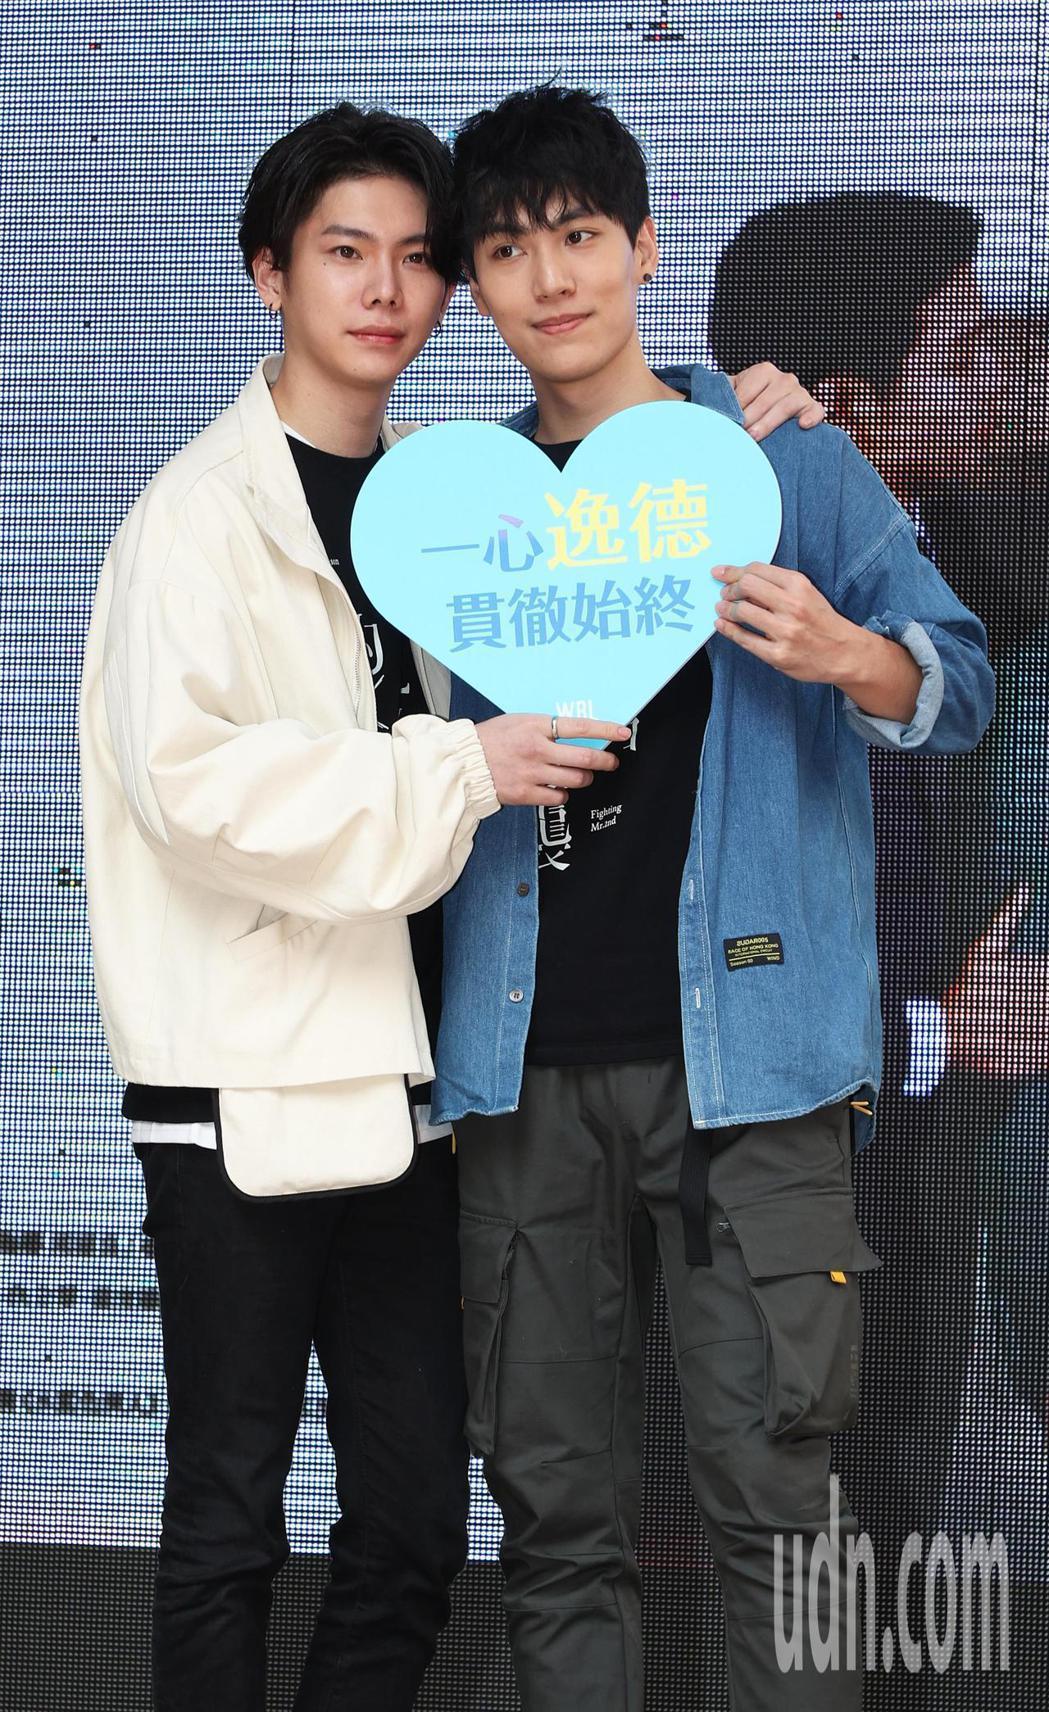 「第二名的逆襲」影集主要演員林子閎(右)與楊宇騰(左)今天與粉絲見面。記者潘俊宏...